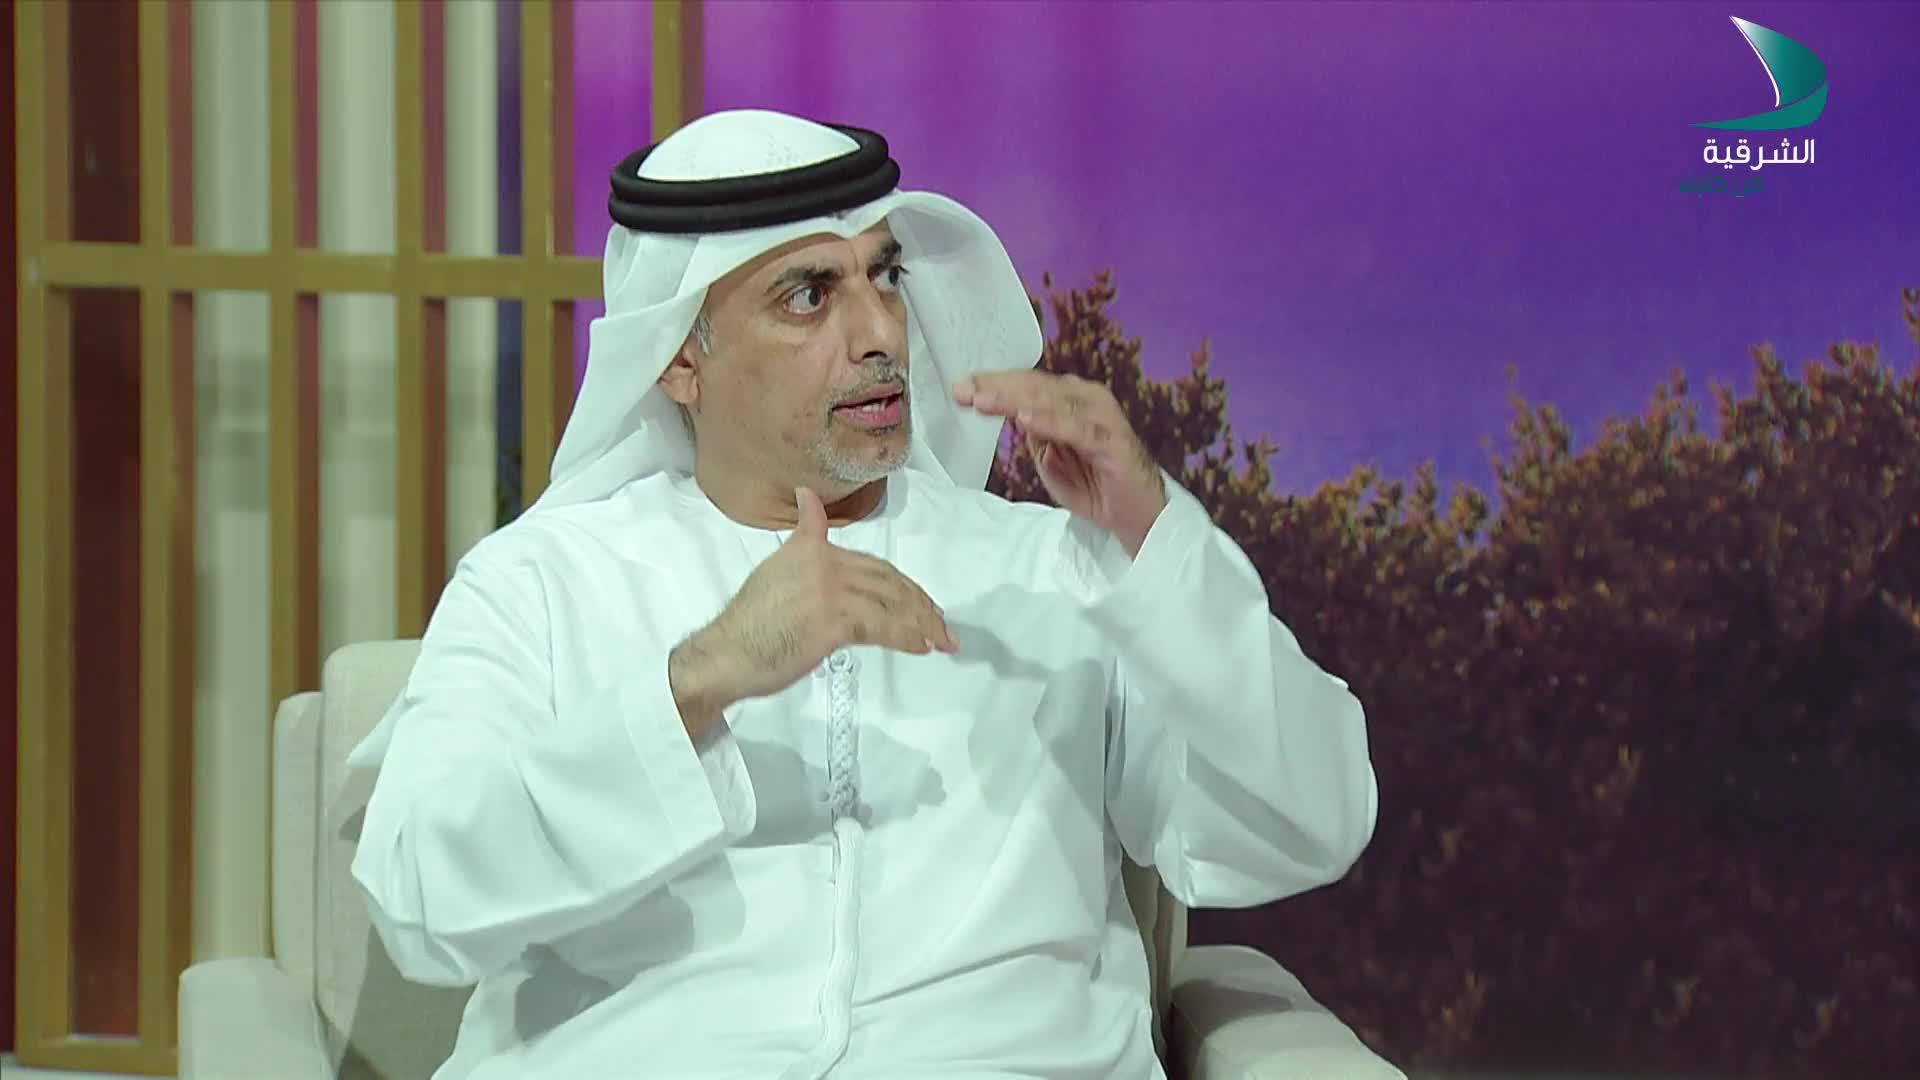 حديث المساء- محمد مطر الحوسني -خبير السعادة وجودة الحياة